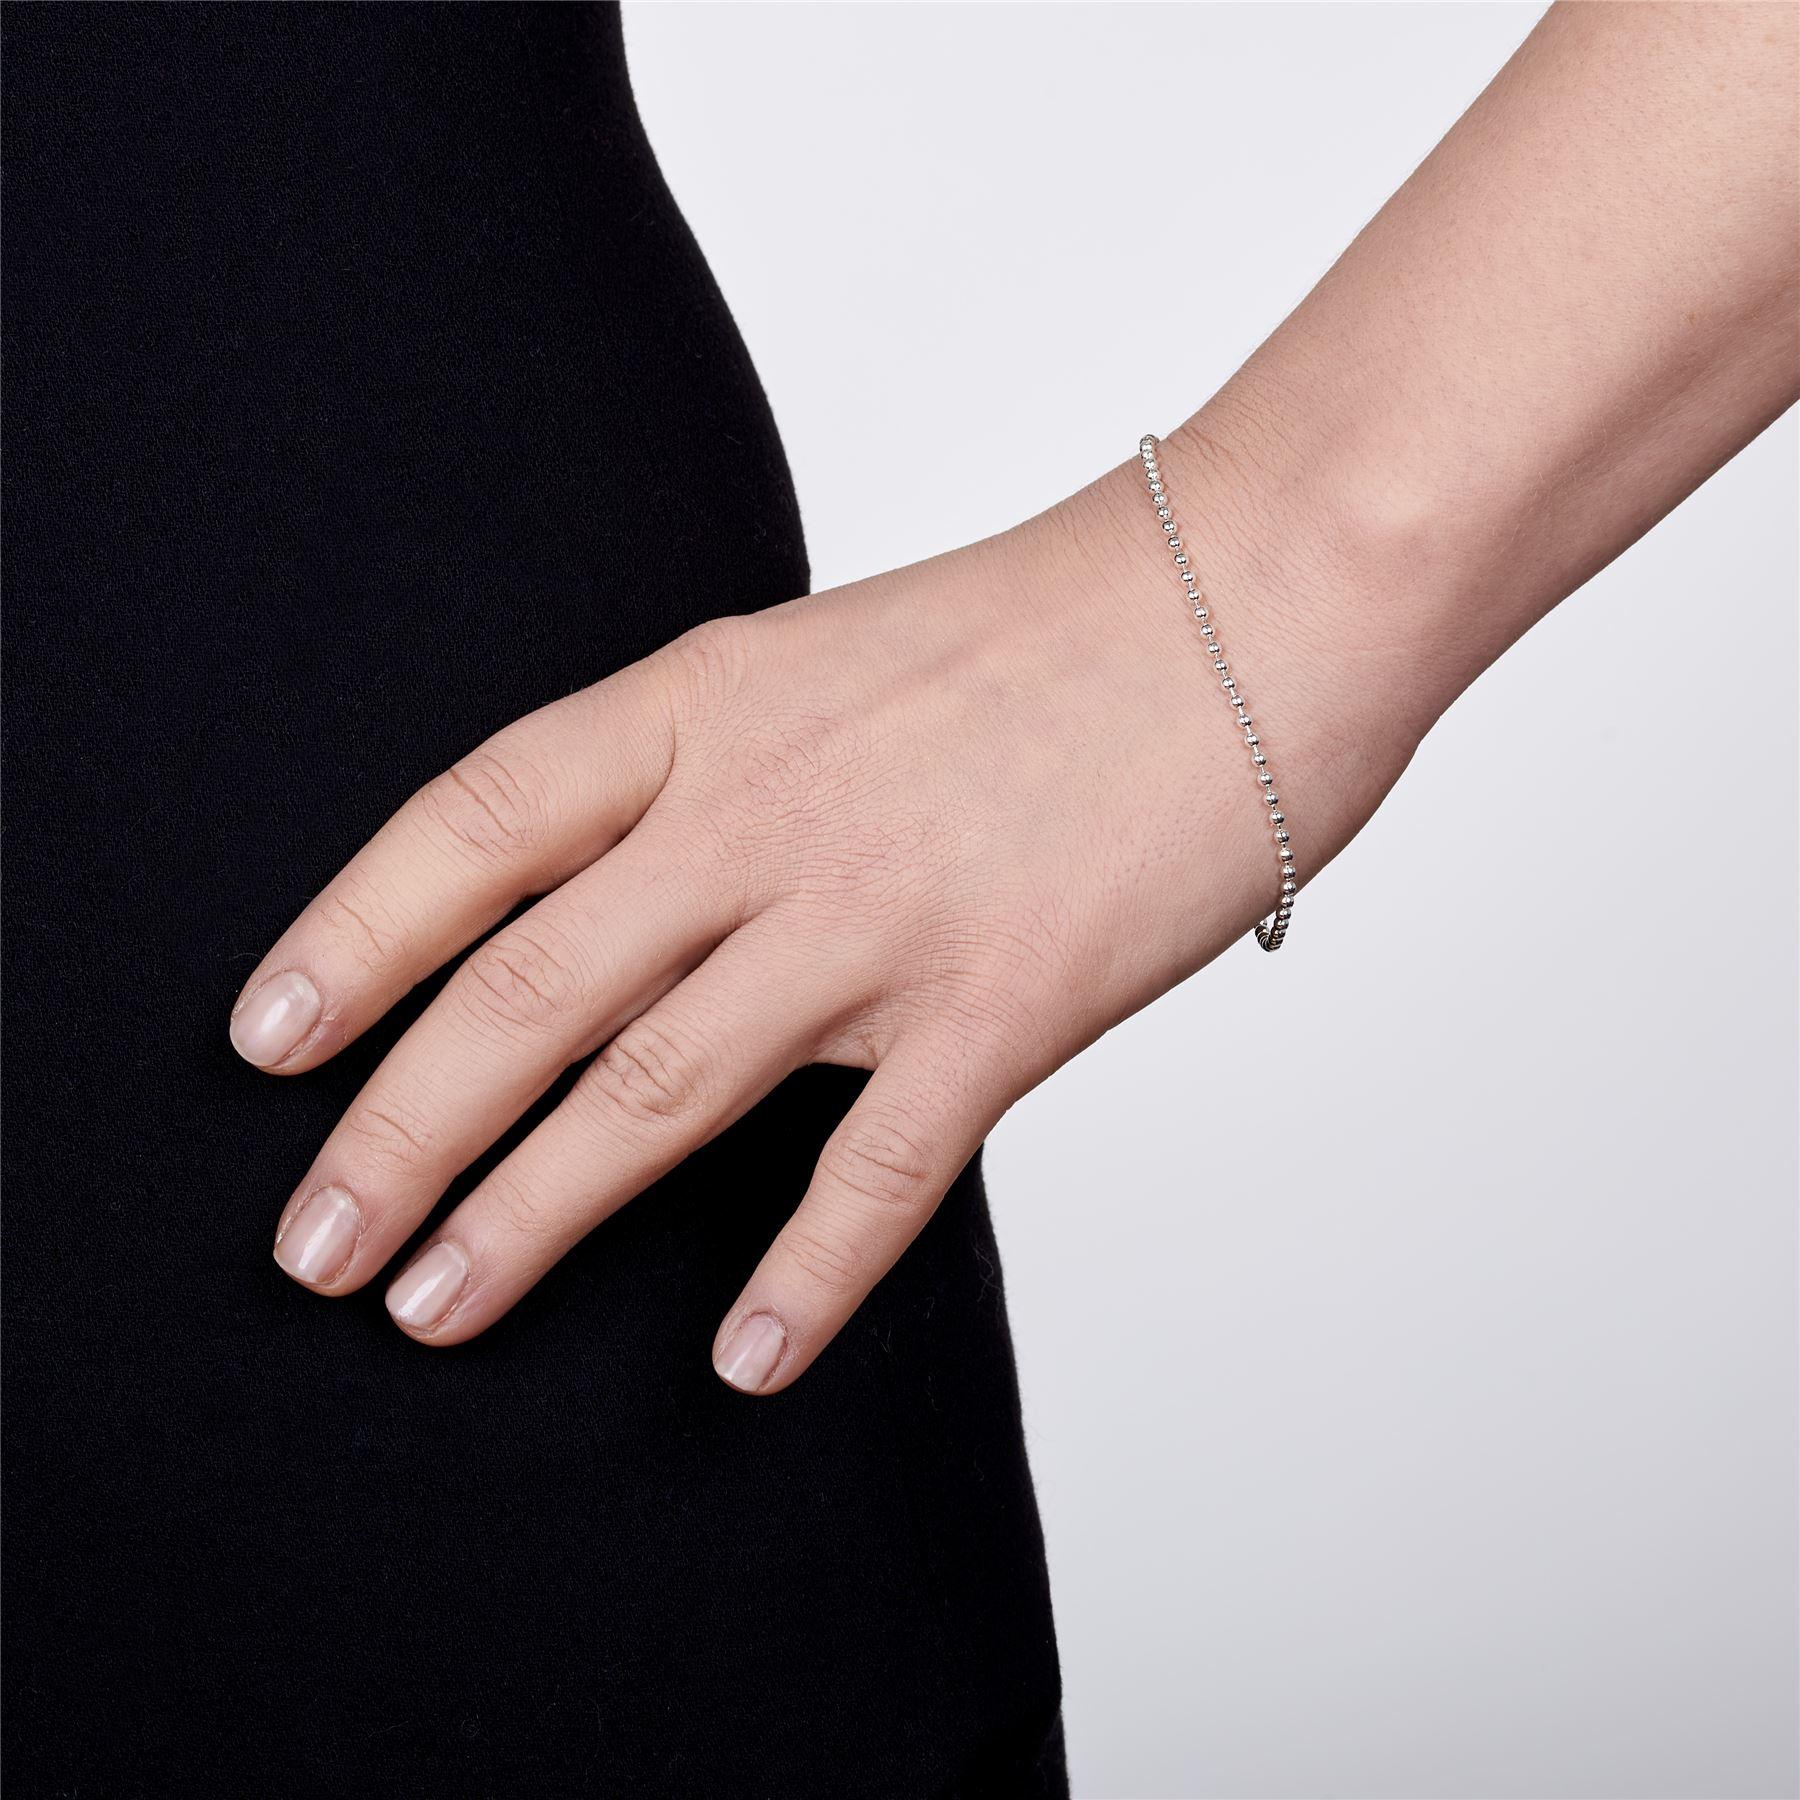 Amberta-Bijoux-Bracelet-en-Vrai-Argent-Sterling-925-Chaine-pour-Femme-a-la-Mode thumbnail 45